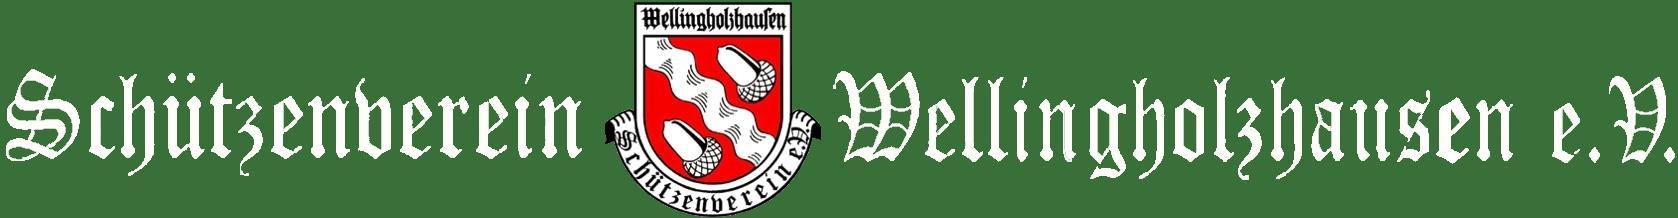 Schützenverein Wellingholzhausen e. V.